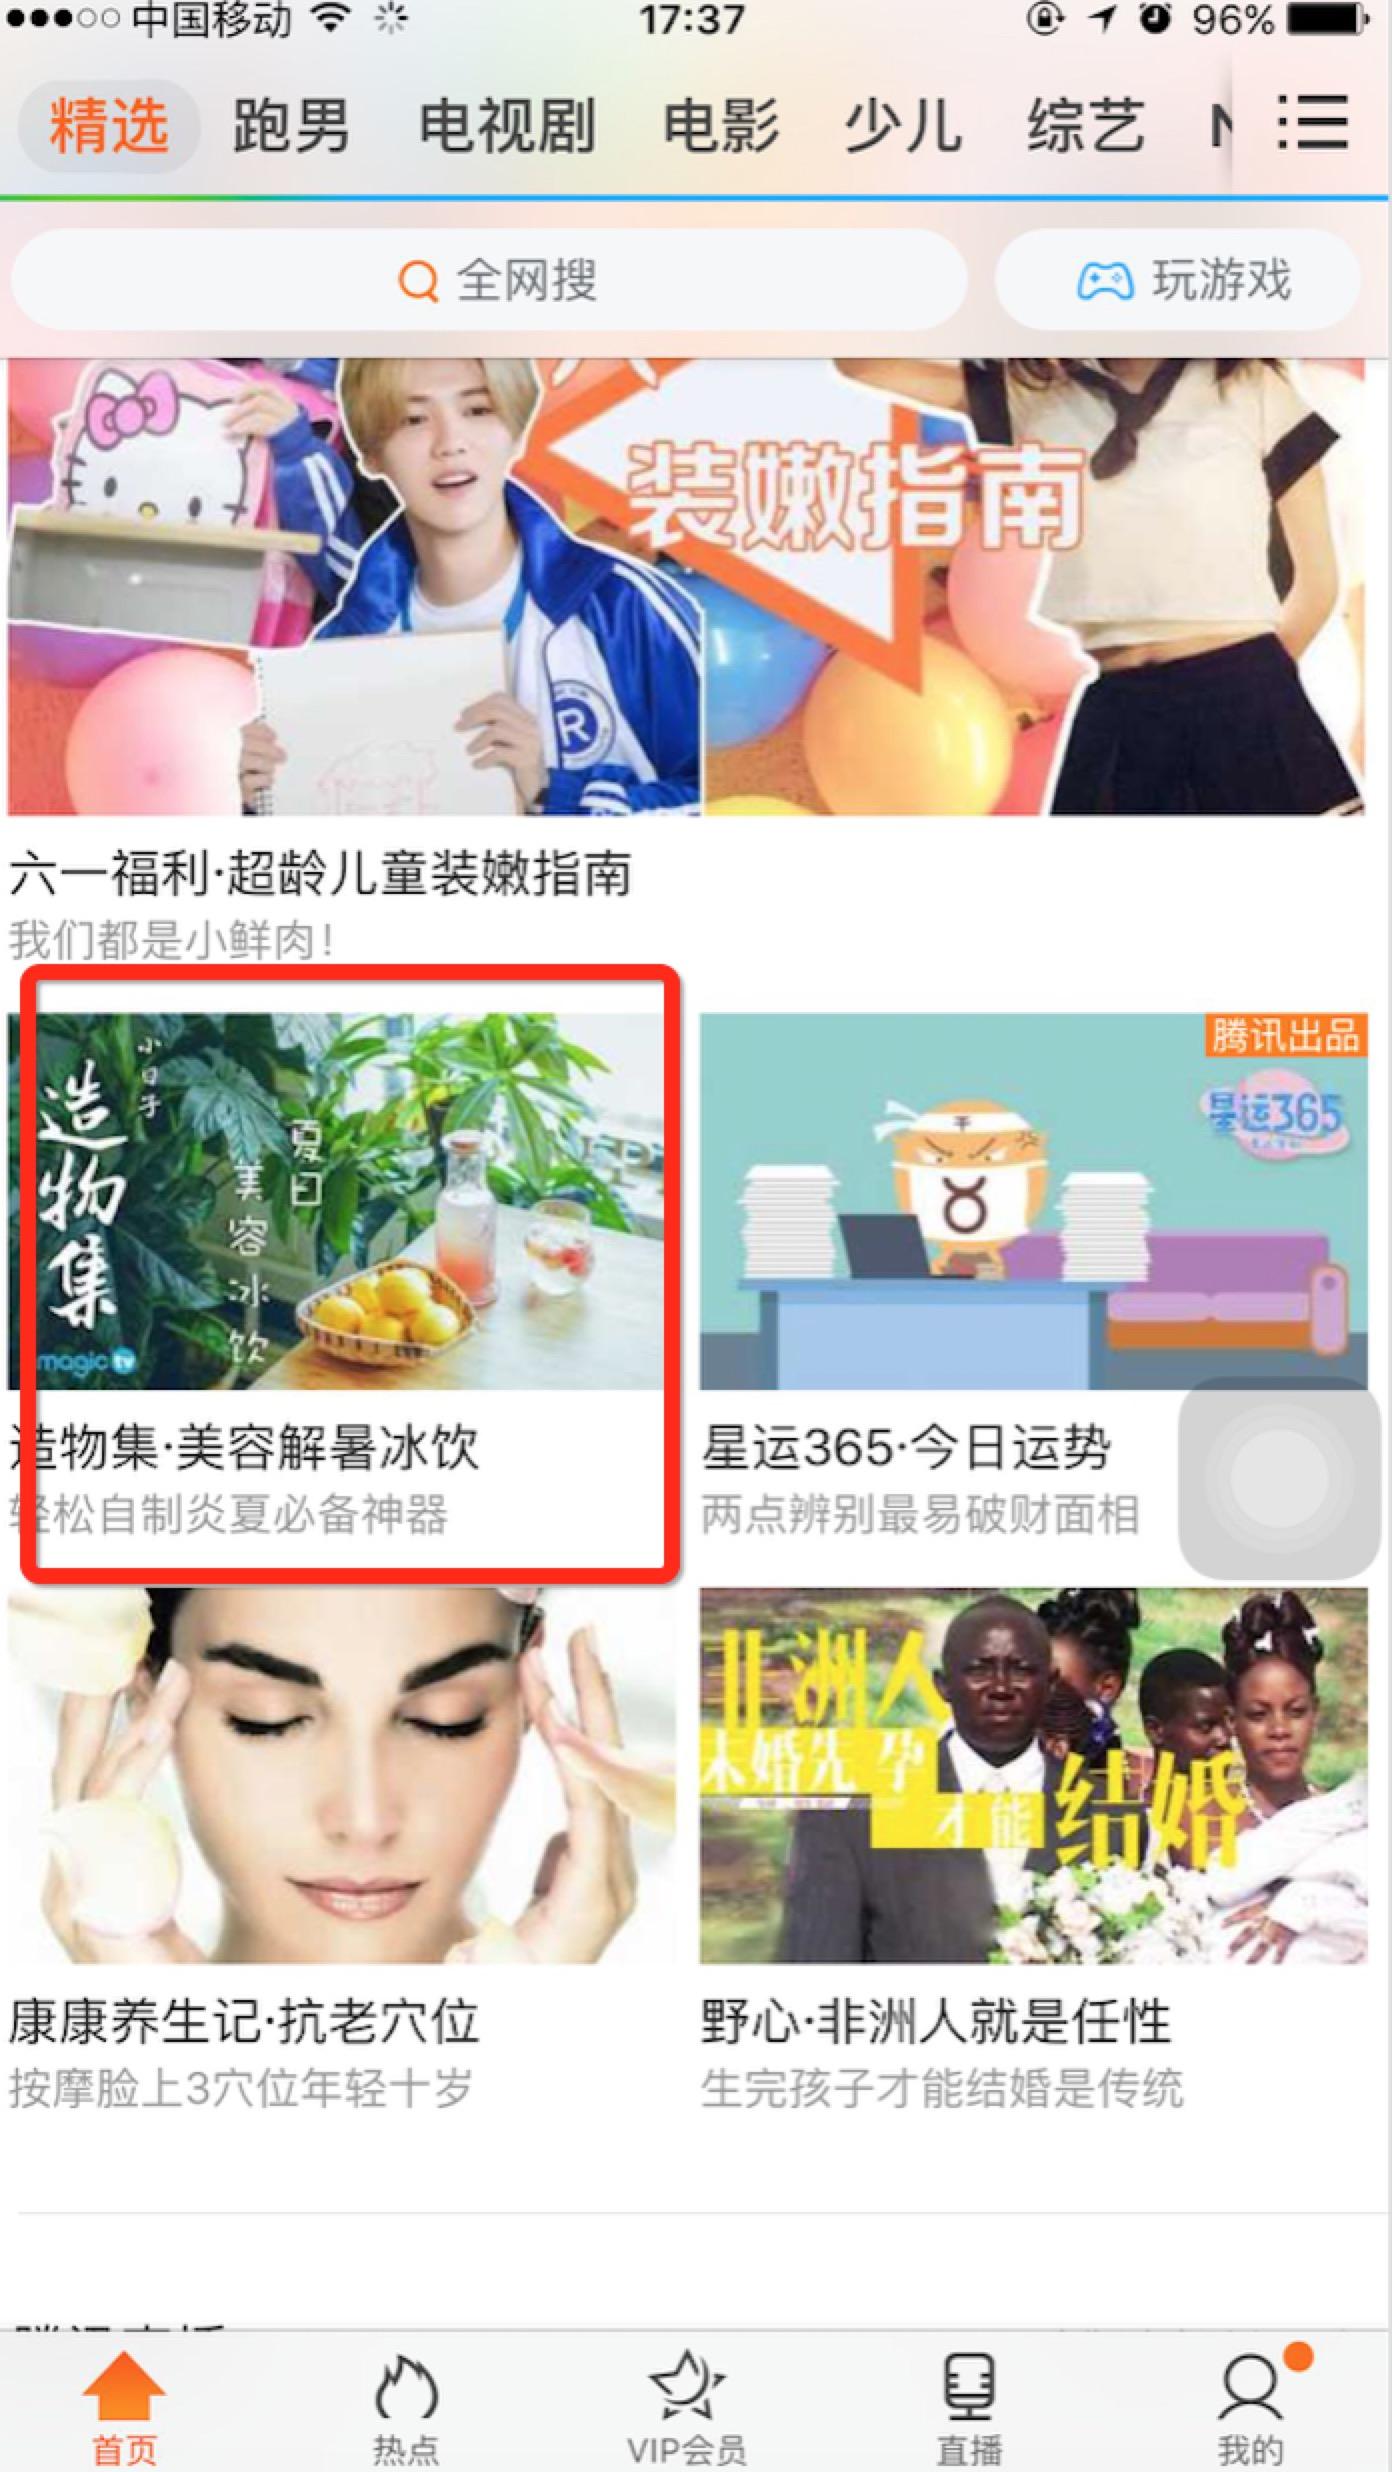 腾讯app首页精选